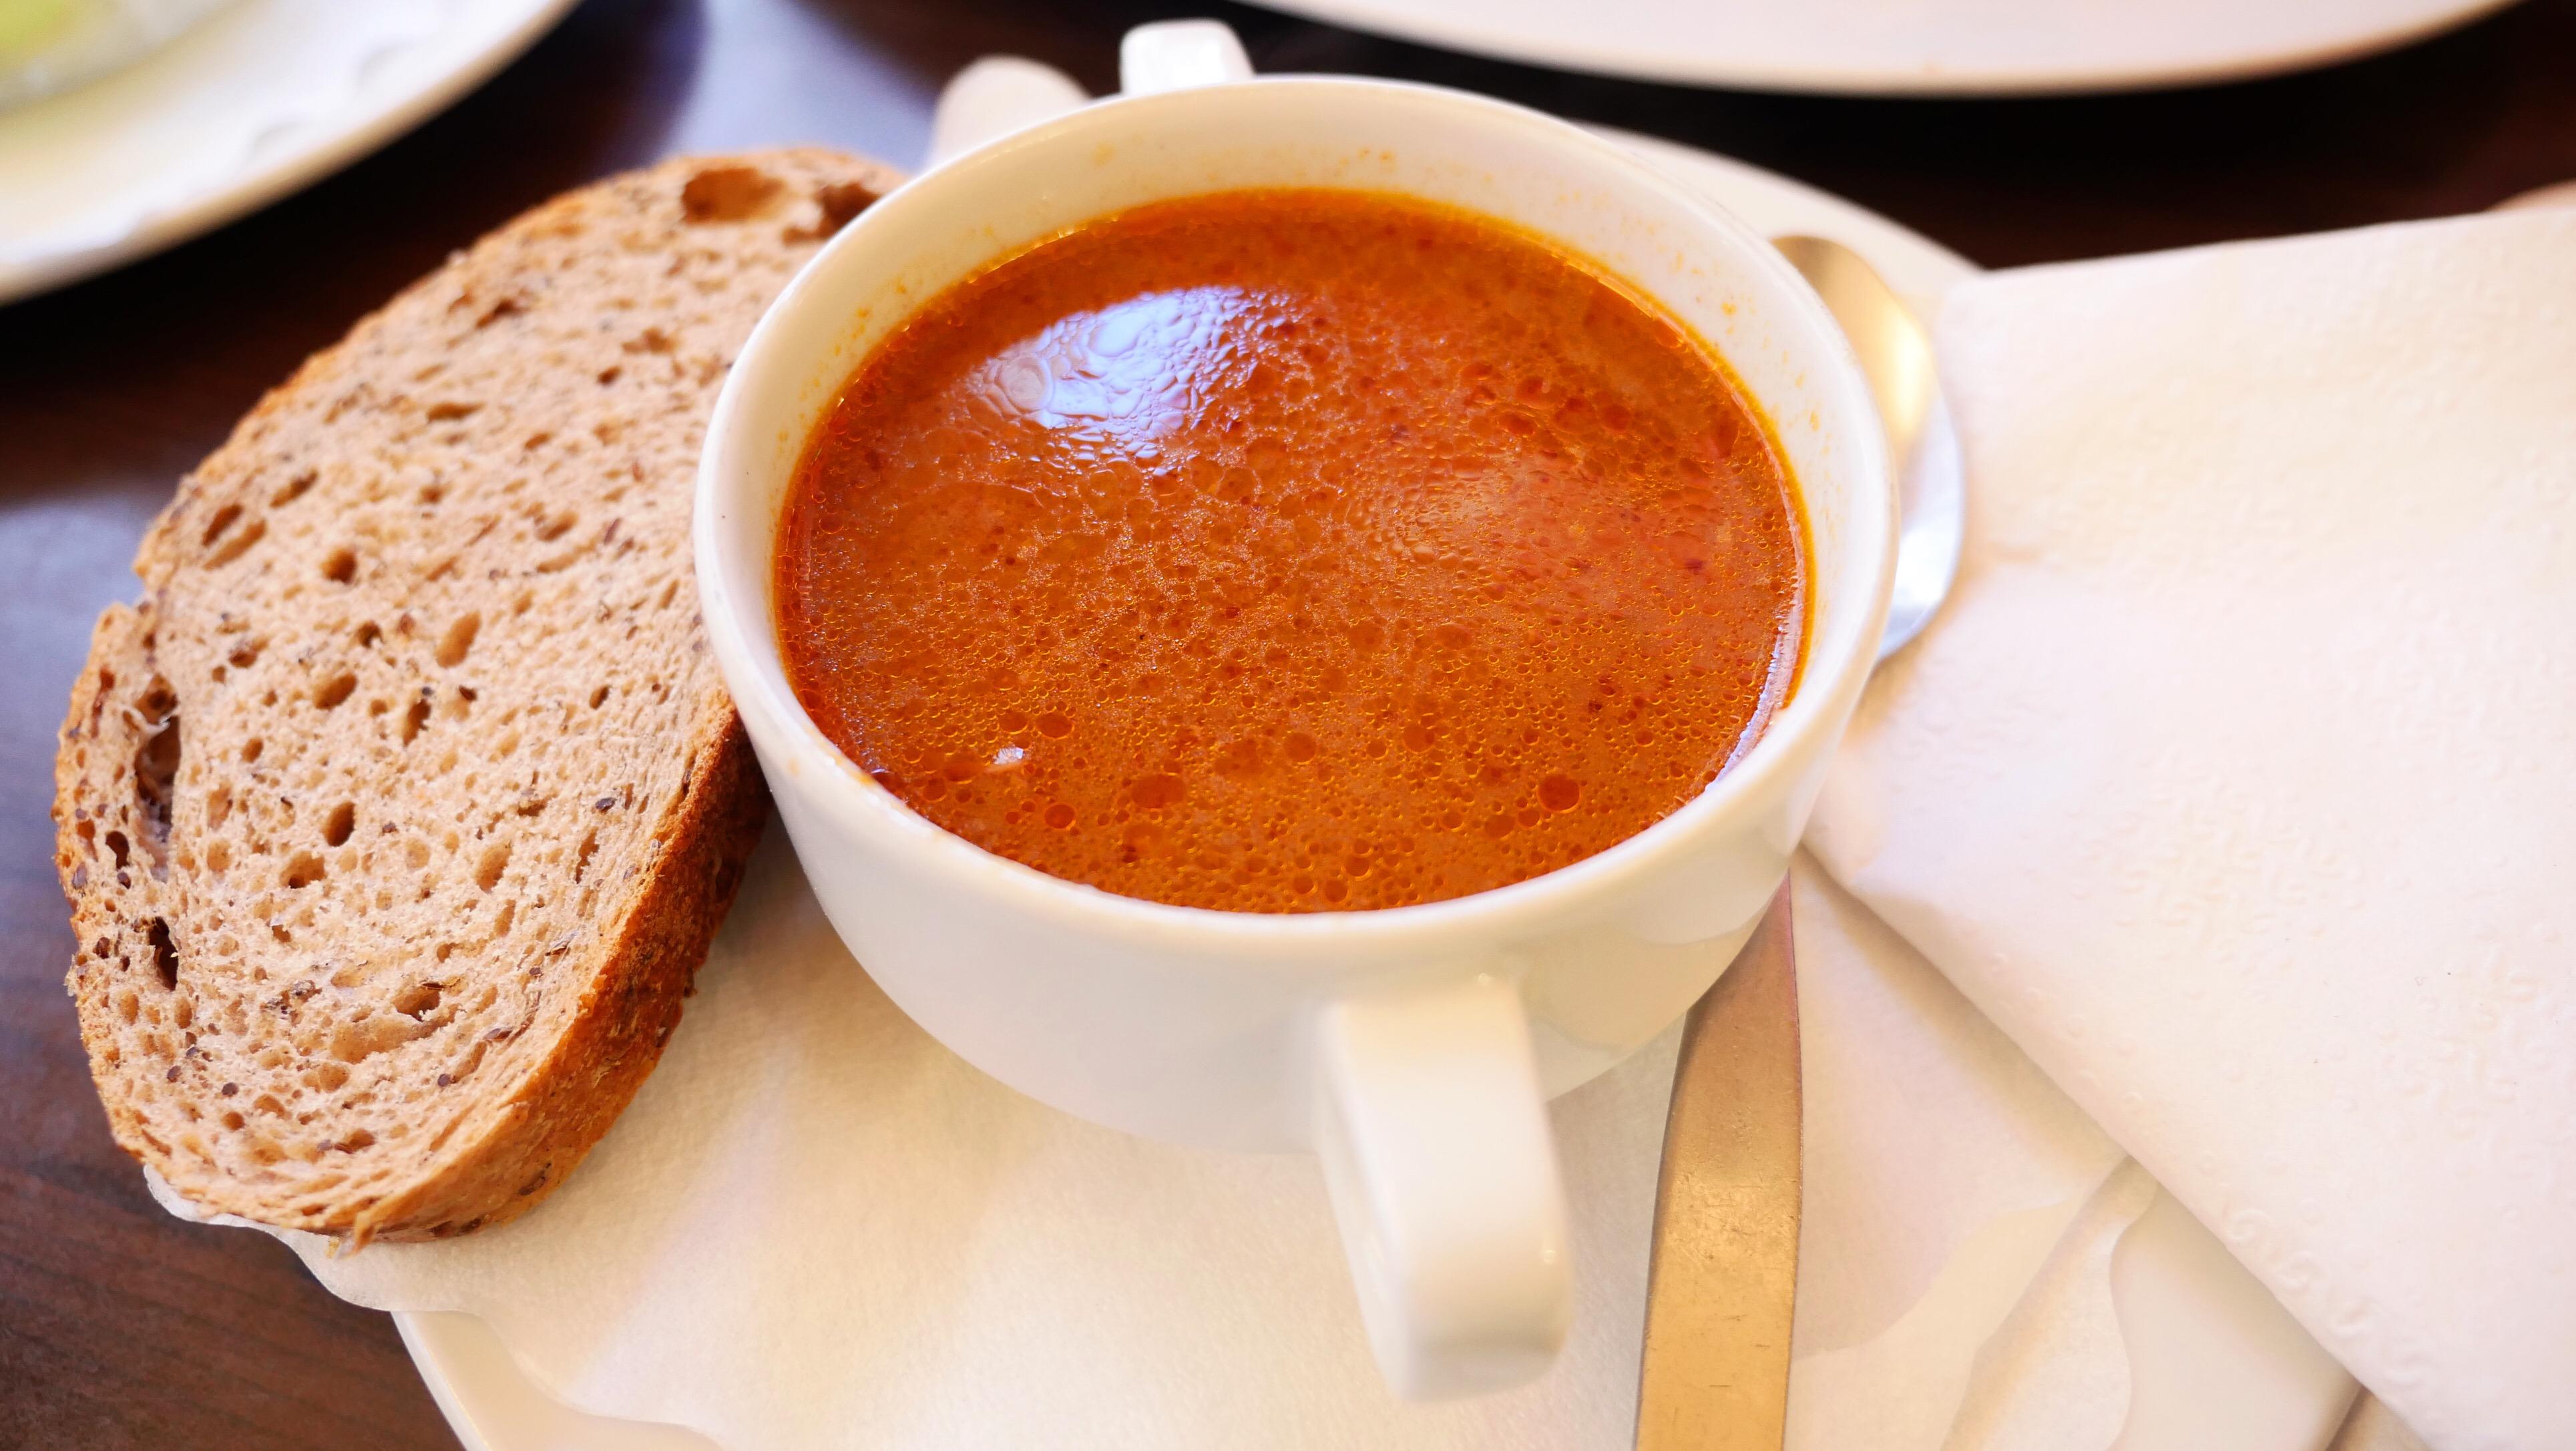 Gulasch soup